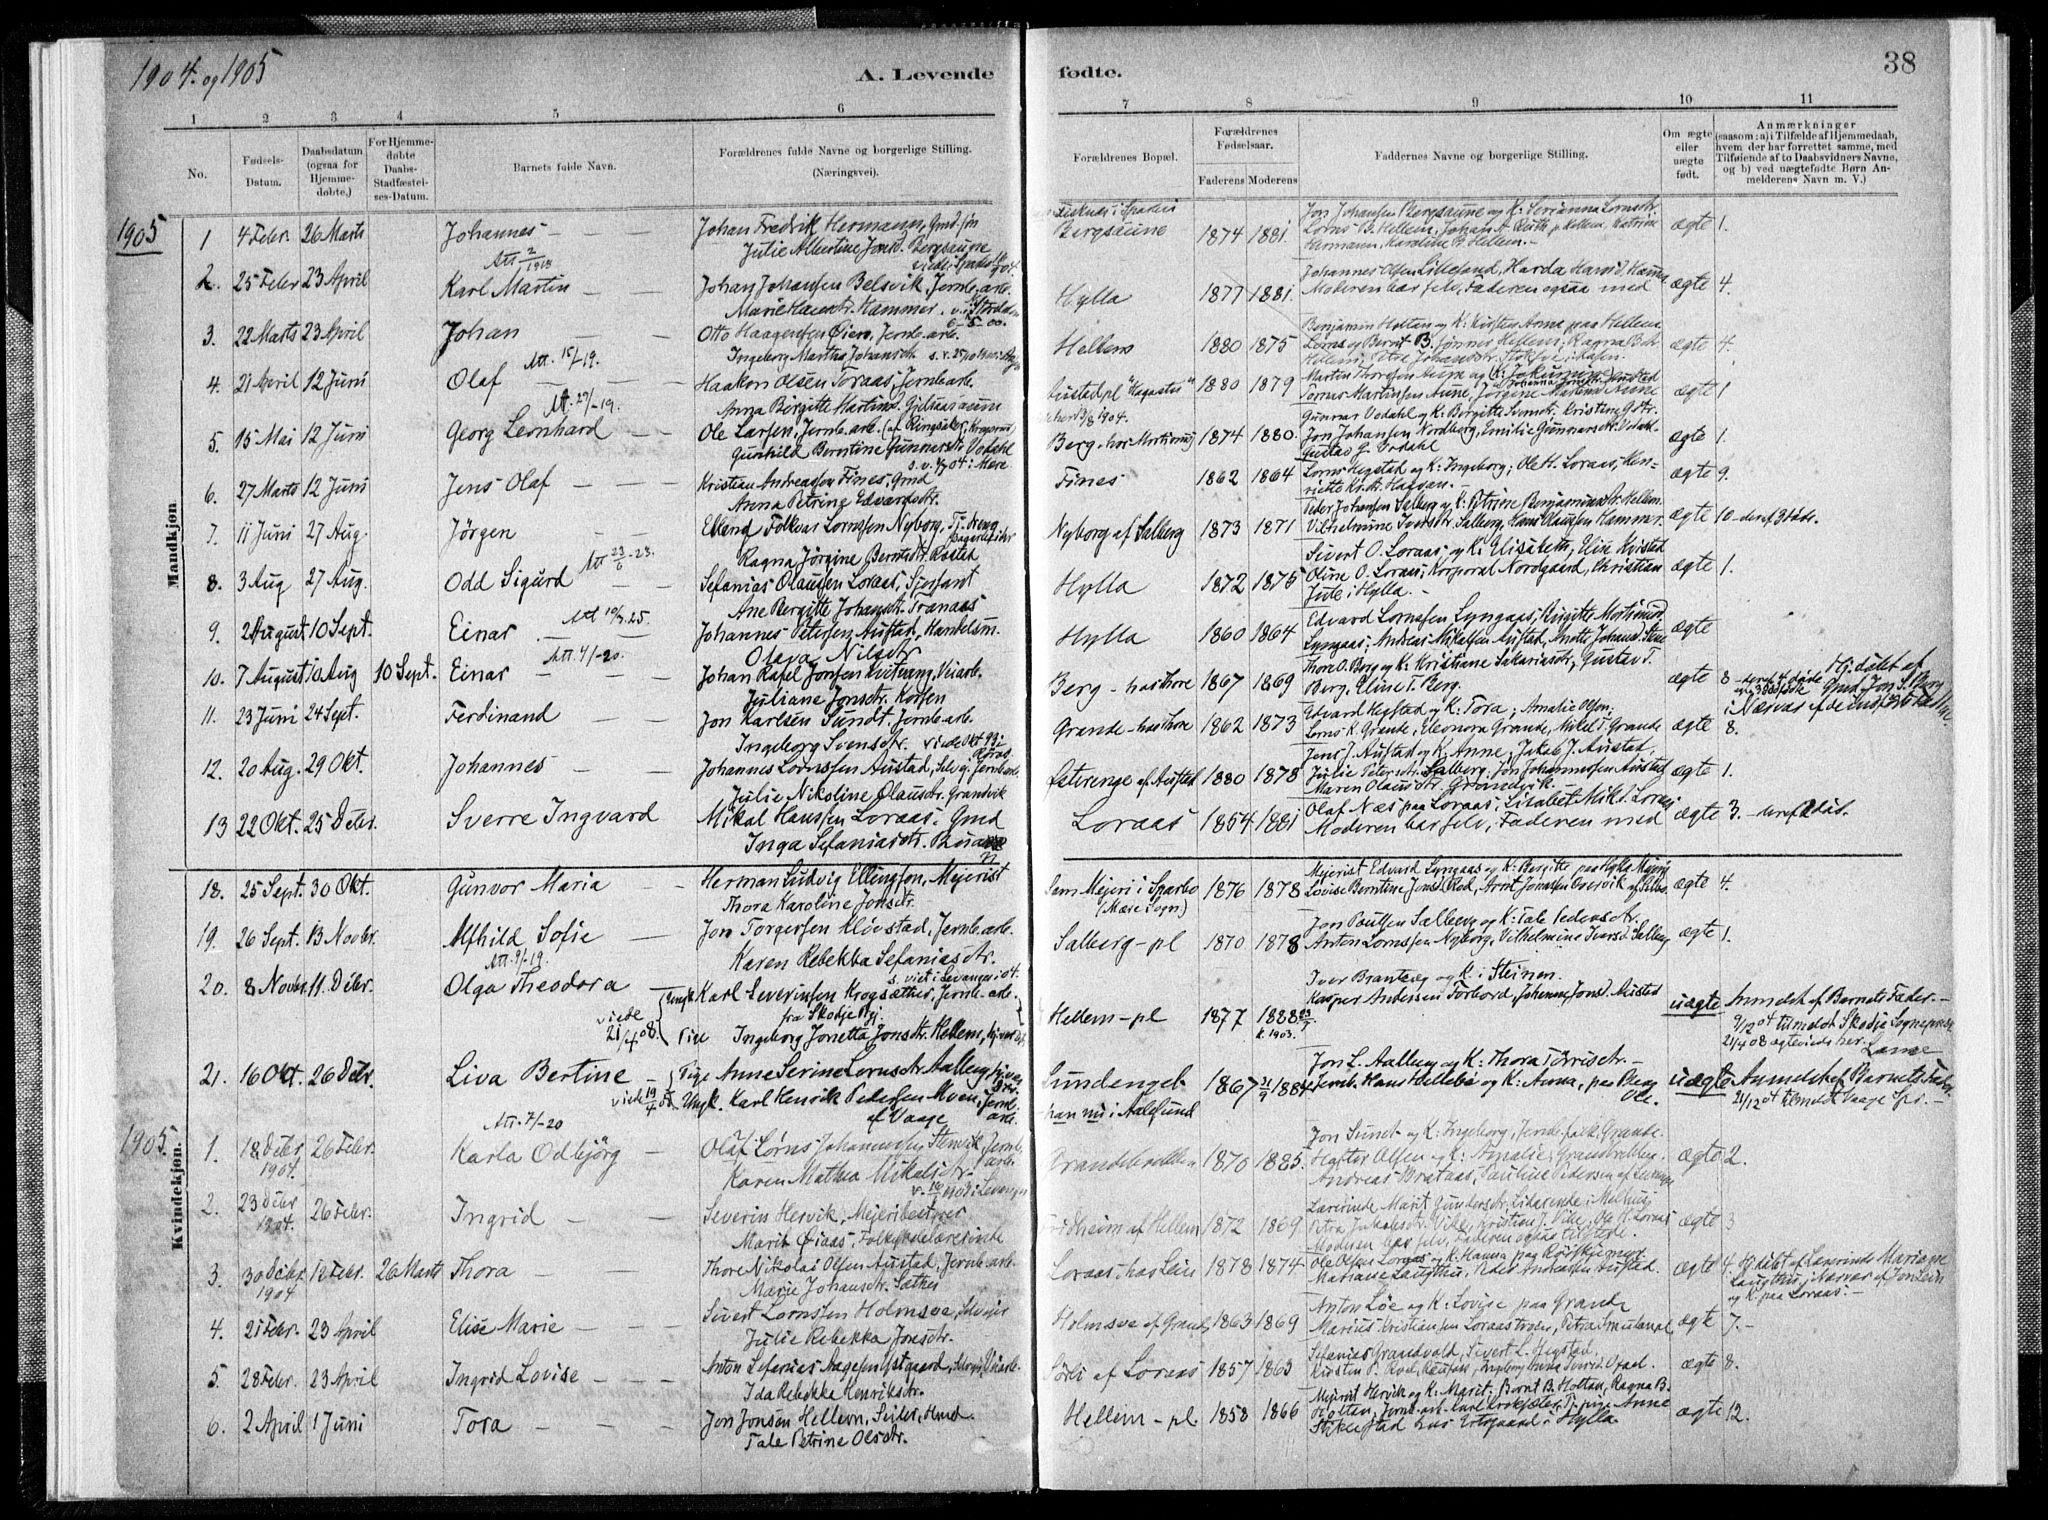 SAT, Ministerialprotokoller, klokkerbøker og fødselsregistre - Nord-Trøndelag, 731/L0309: Ministerialbok nr. 731A01, 1879-1918, s. 38